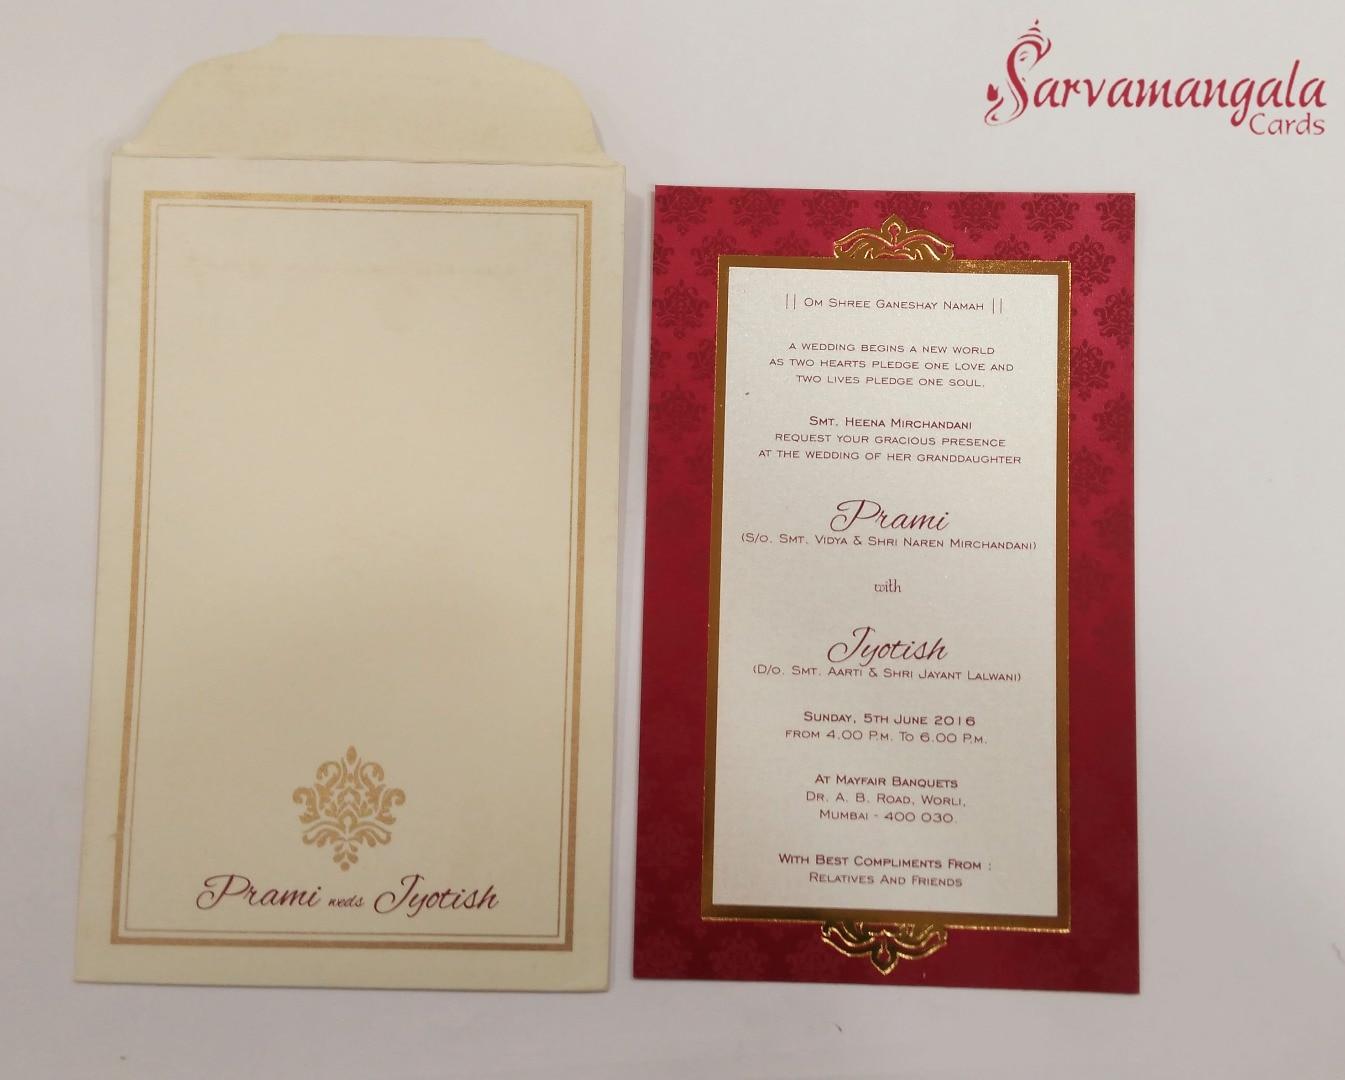 Images : Sarvamangala Cards Call Us : 08071264645 in Chennai